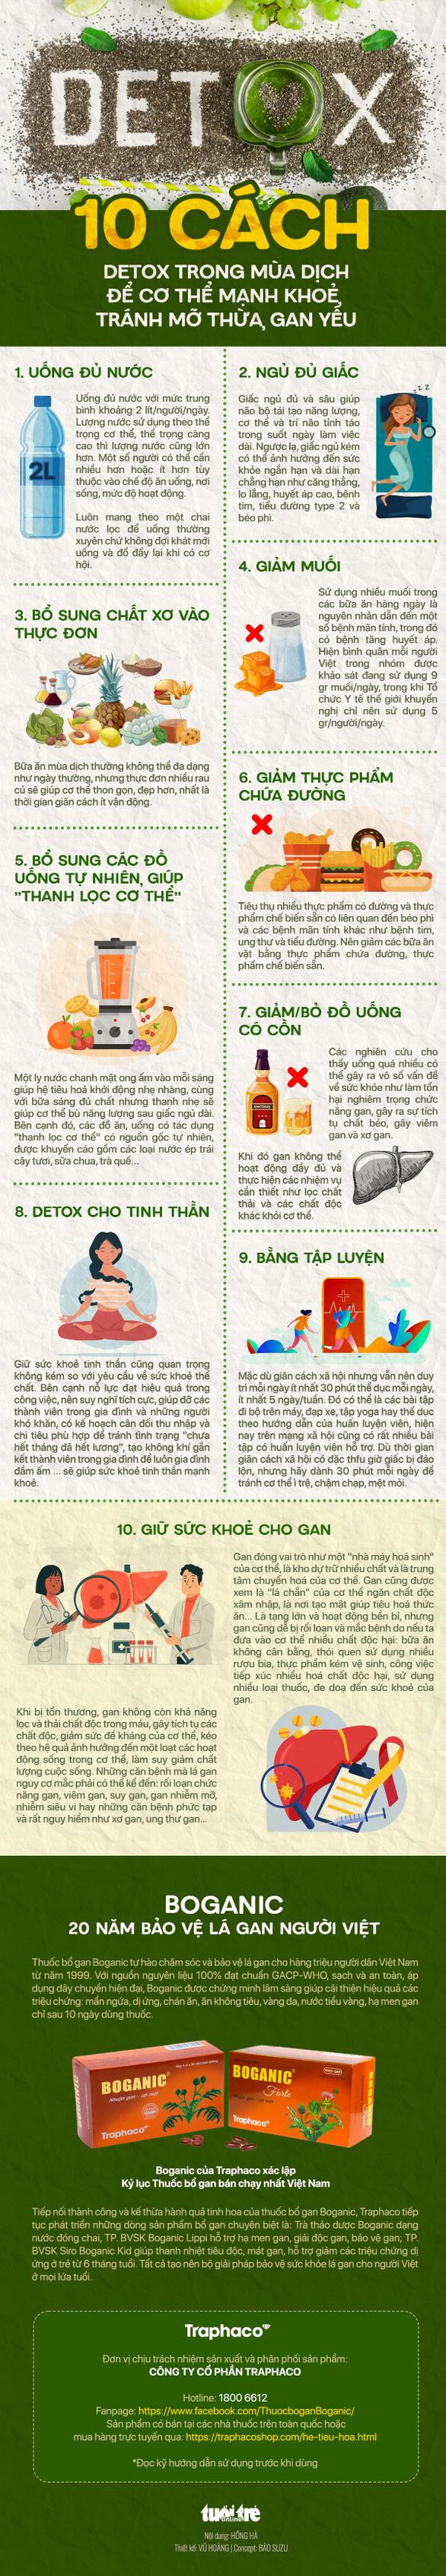 10 cách detox trong mùa dịch để cơ thể mạnh khoẻ, tránh mỡ thừa, gan yếu - Ảnh 1.